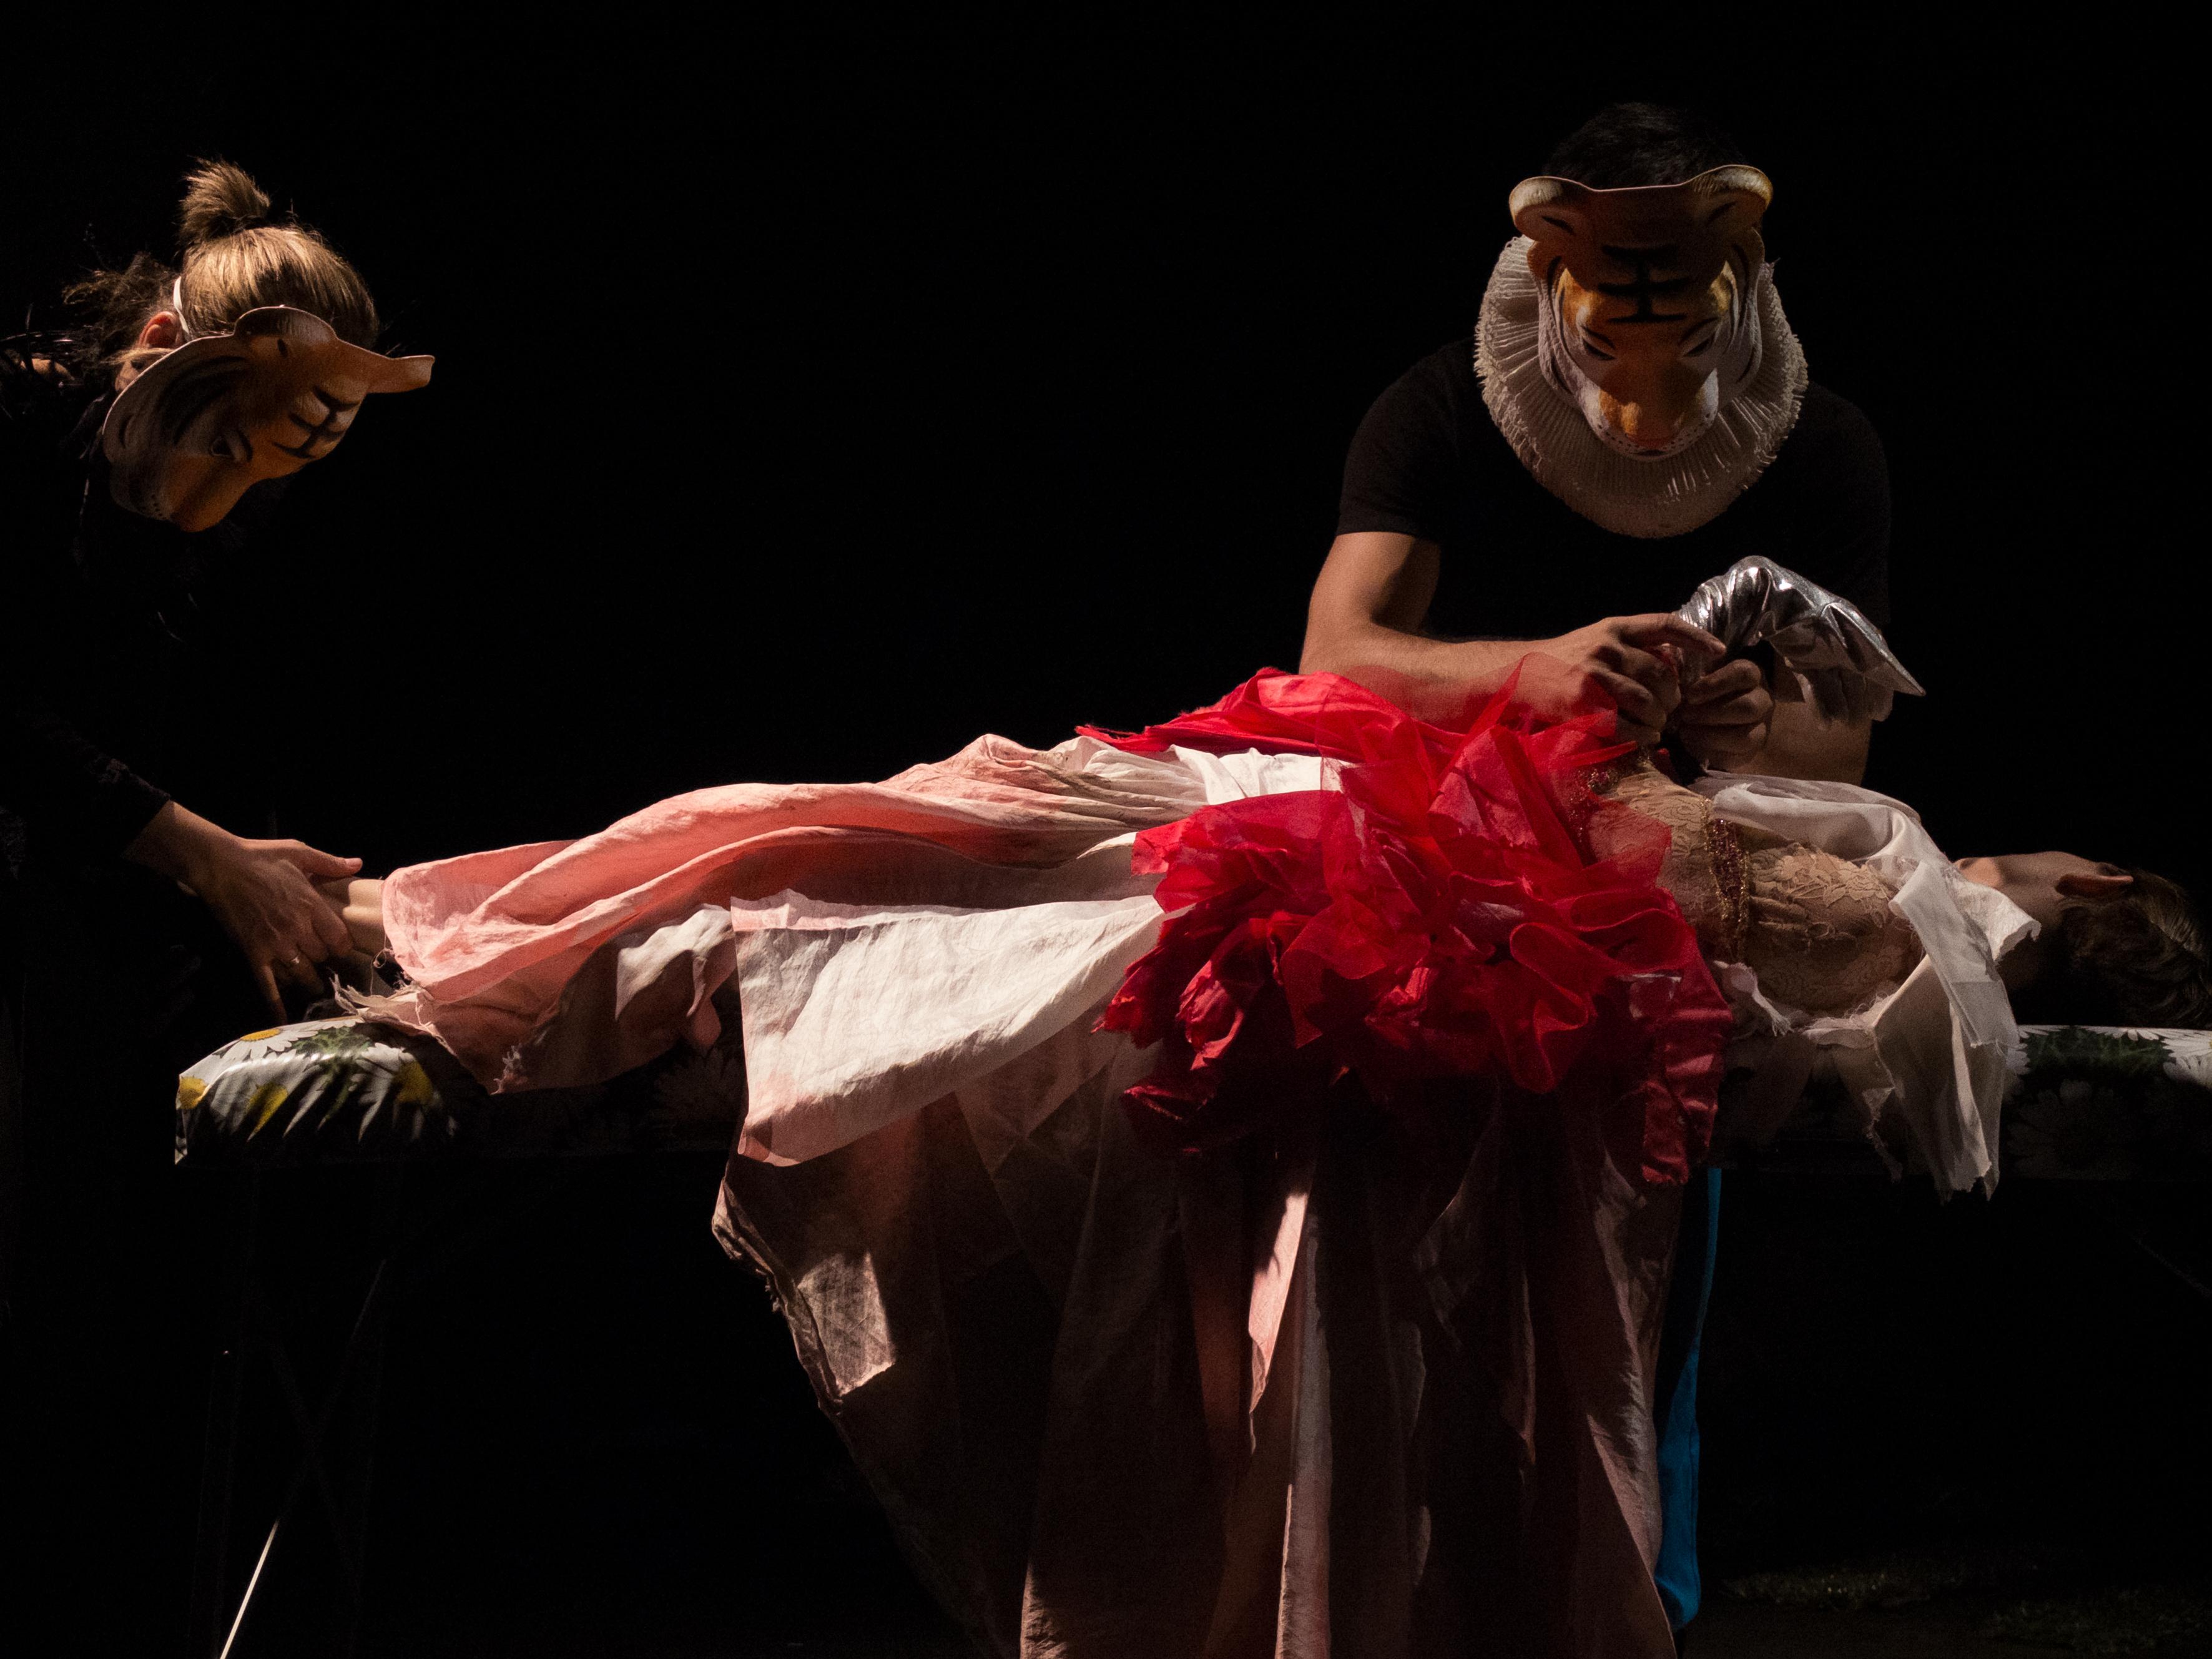 LA DONA INMOBILE en el Teatro del Barrio